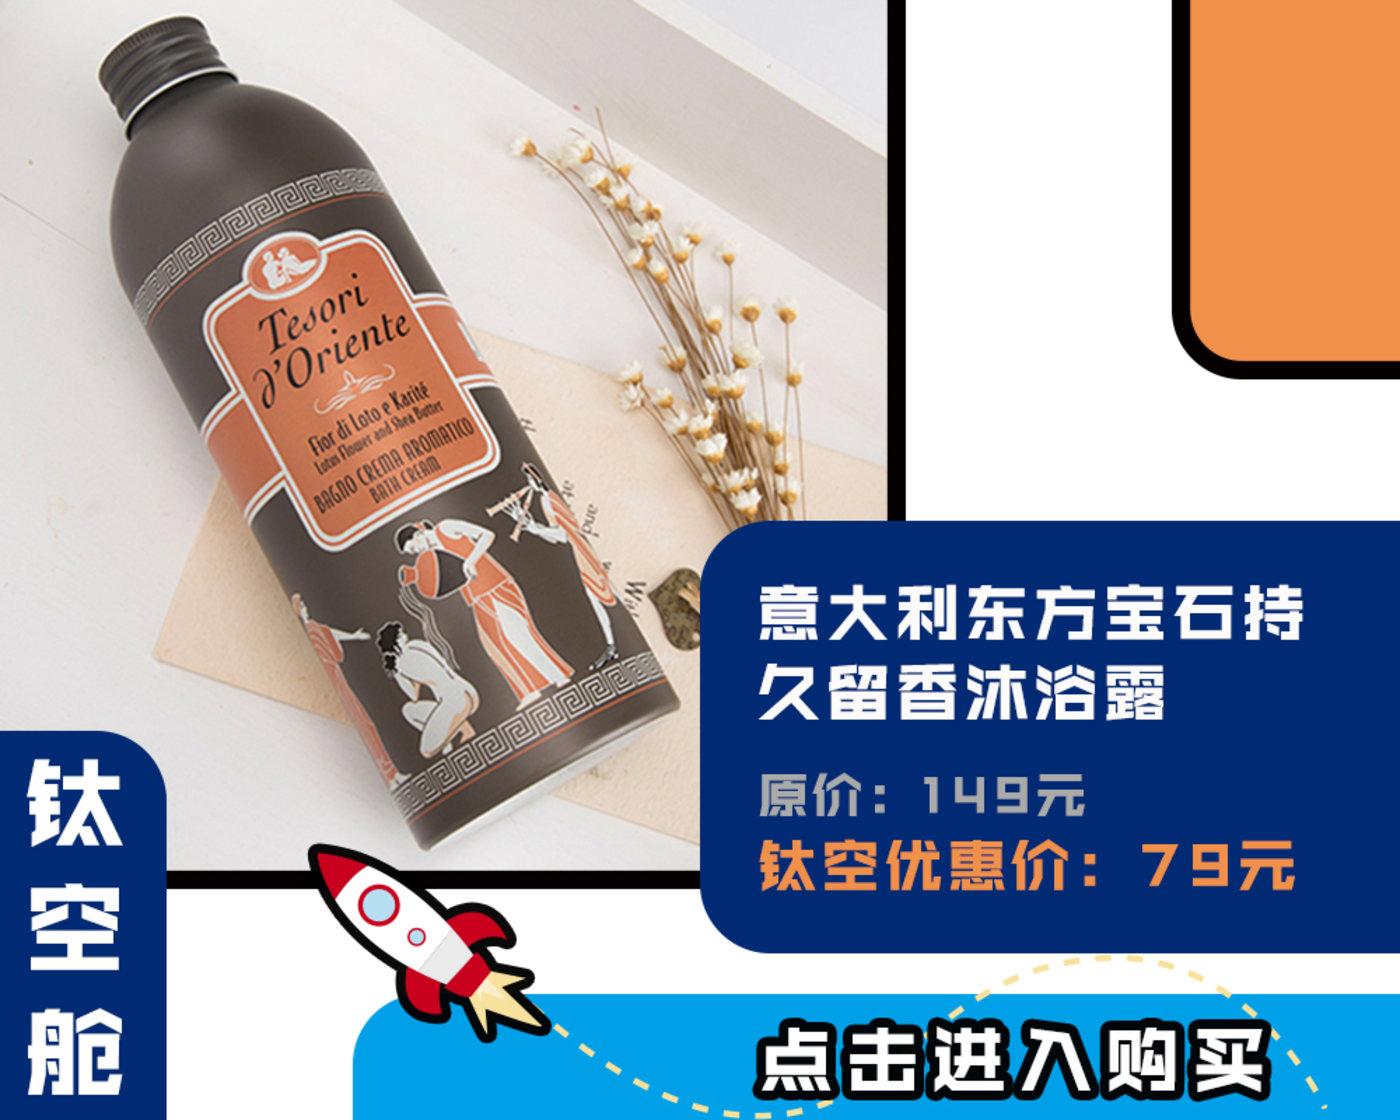 脱发、鸡皮肤、干燥冒痘,原因竟然藏在洗澡水里 | 钛空实测